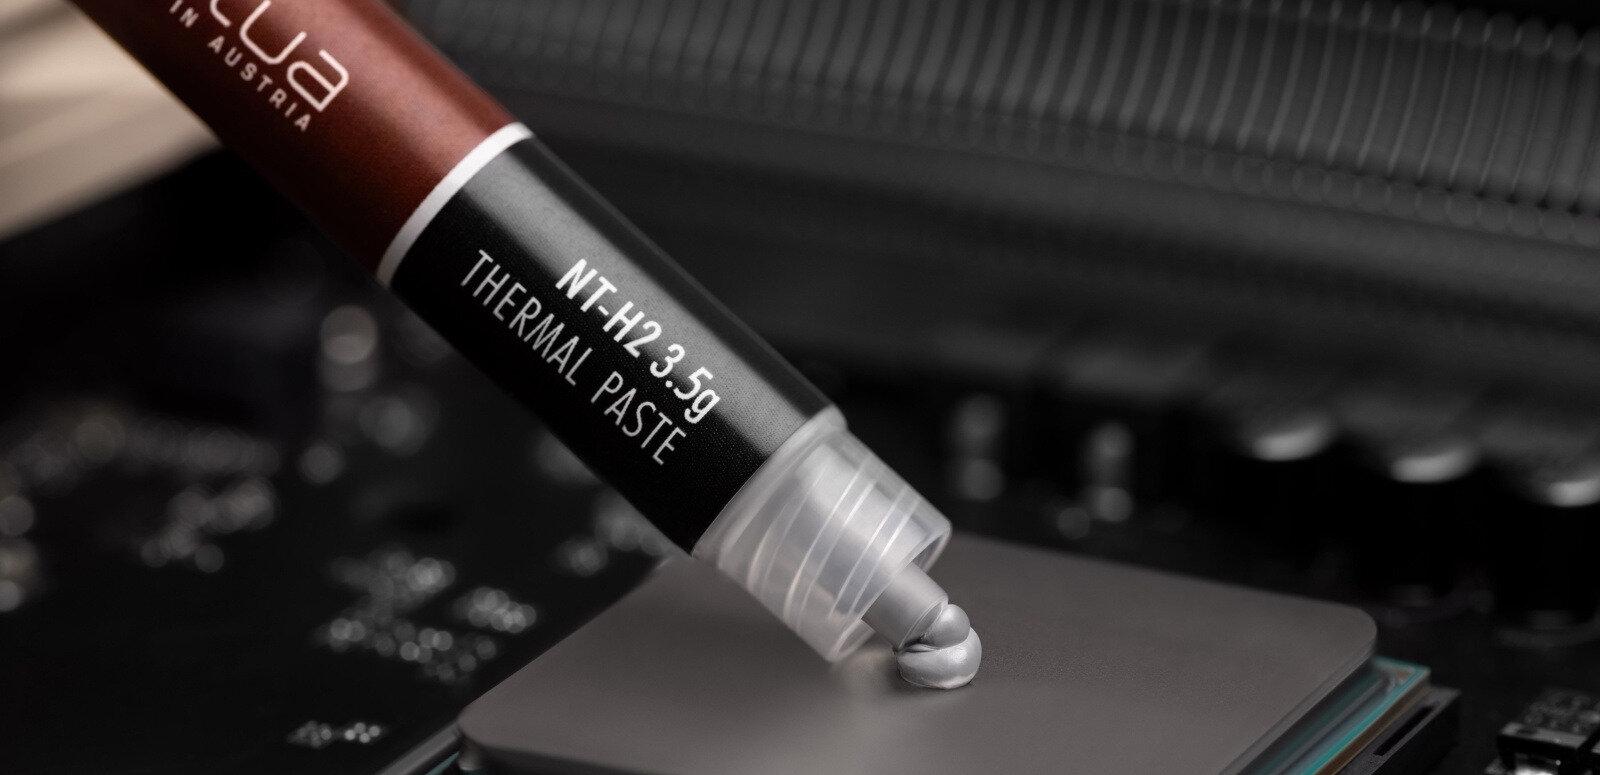 Noctua annonce sa nouvelle pâte thermique NT-H2, à 25 euros les dix grammes